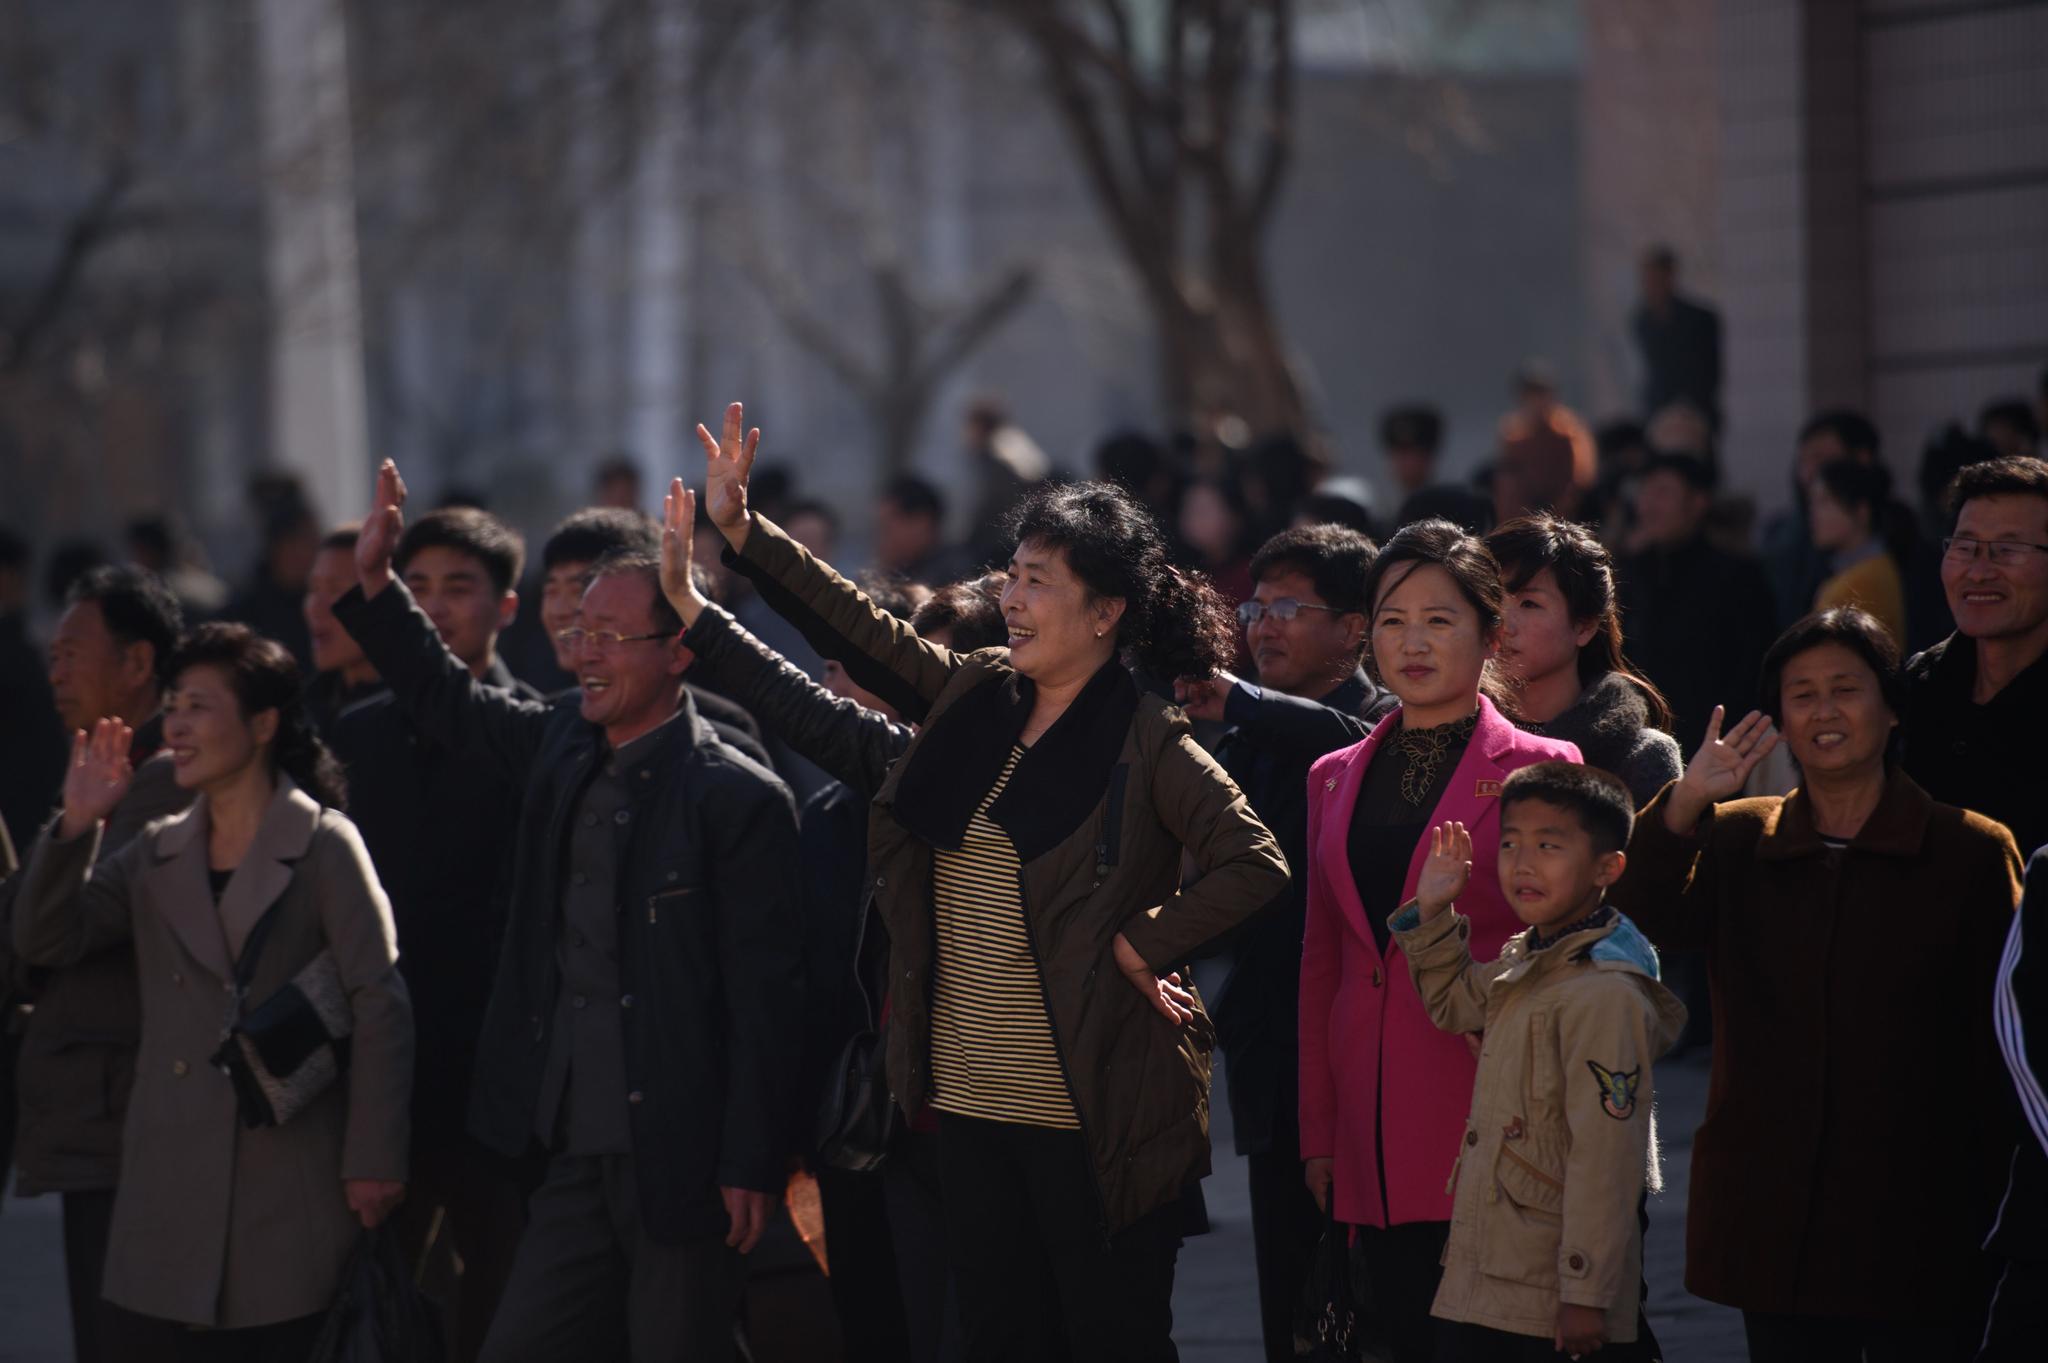 평양 시민들이 달리는 선수들에게 손을 흔들고 있다. [AFP=연합뉴스]